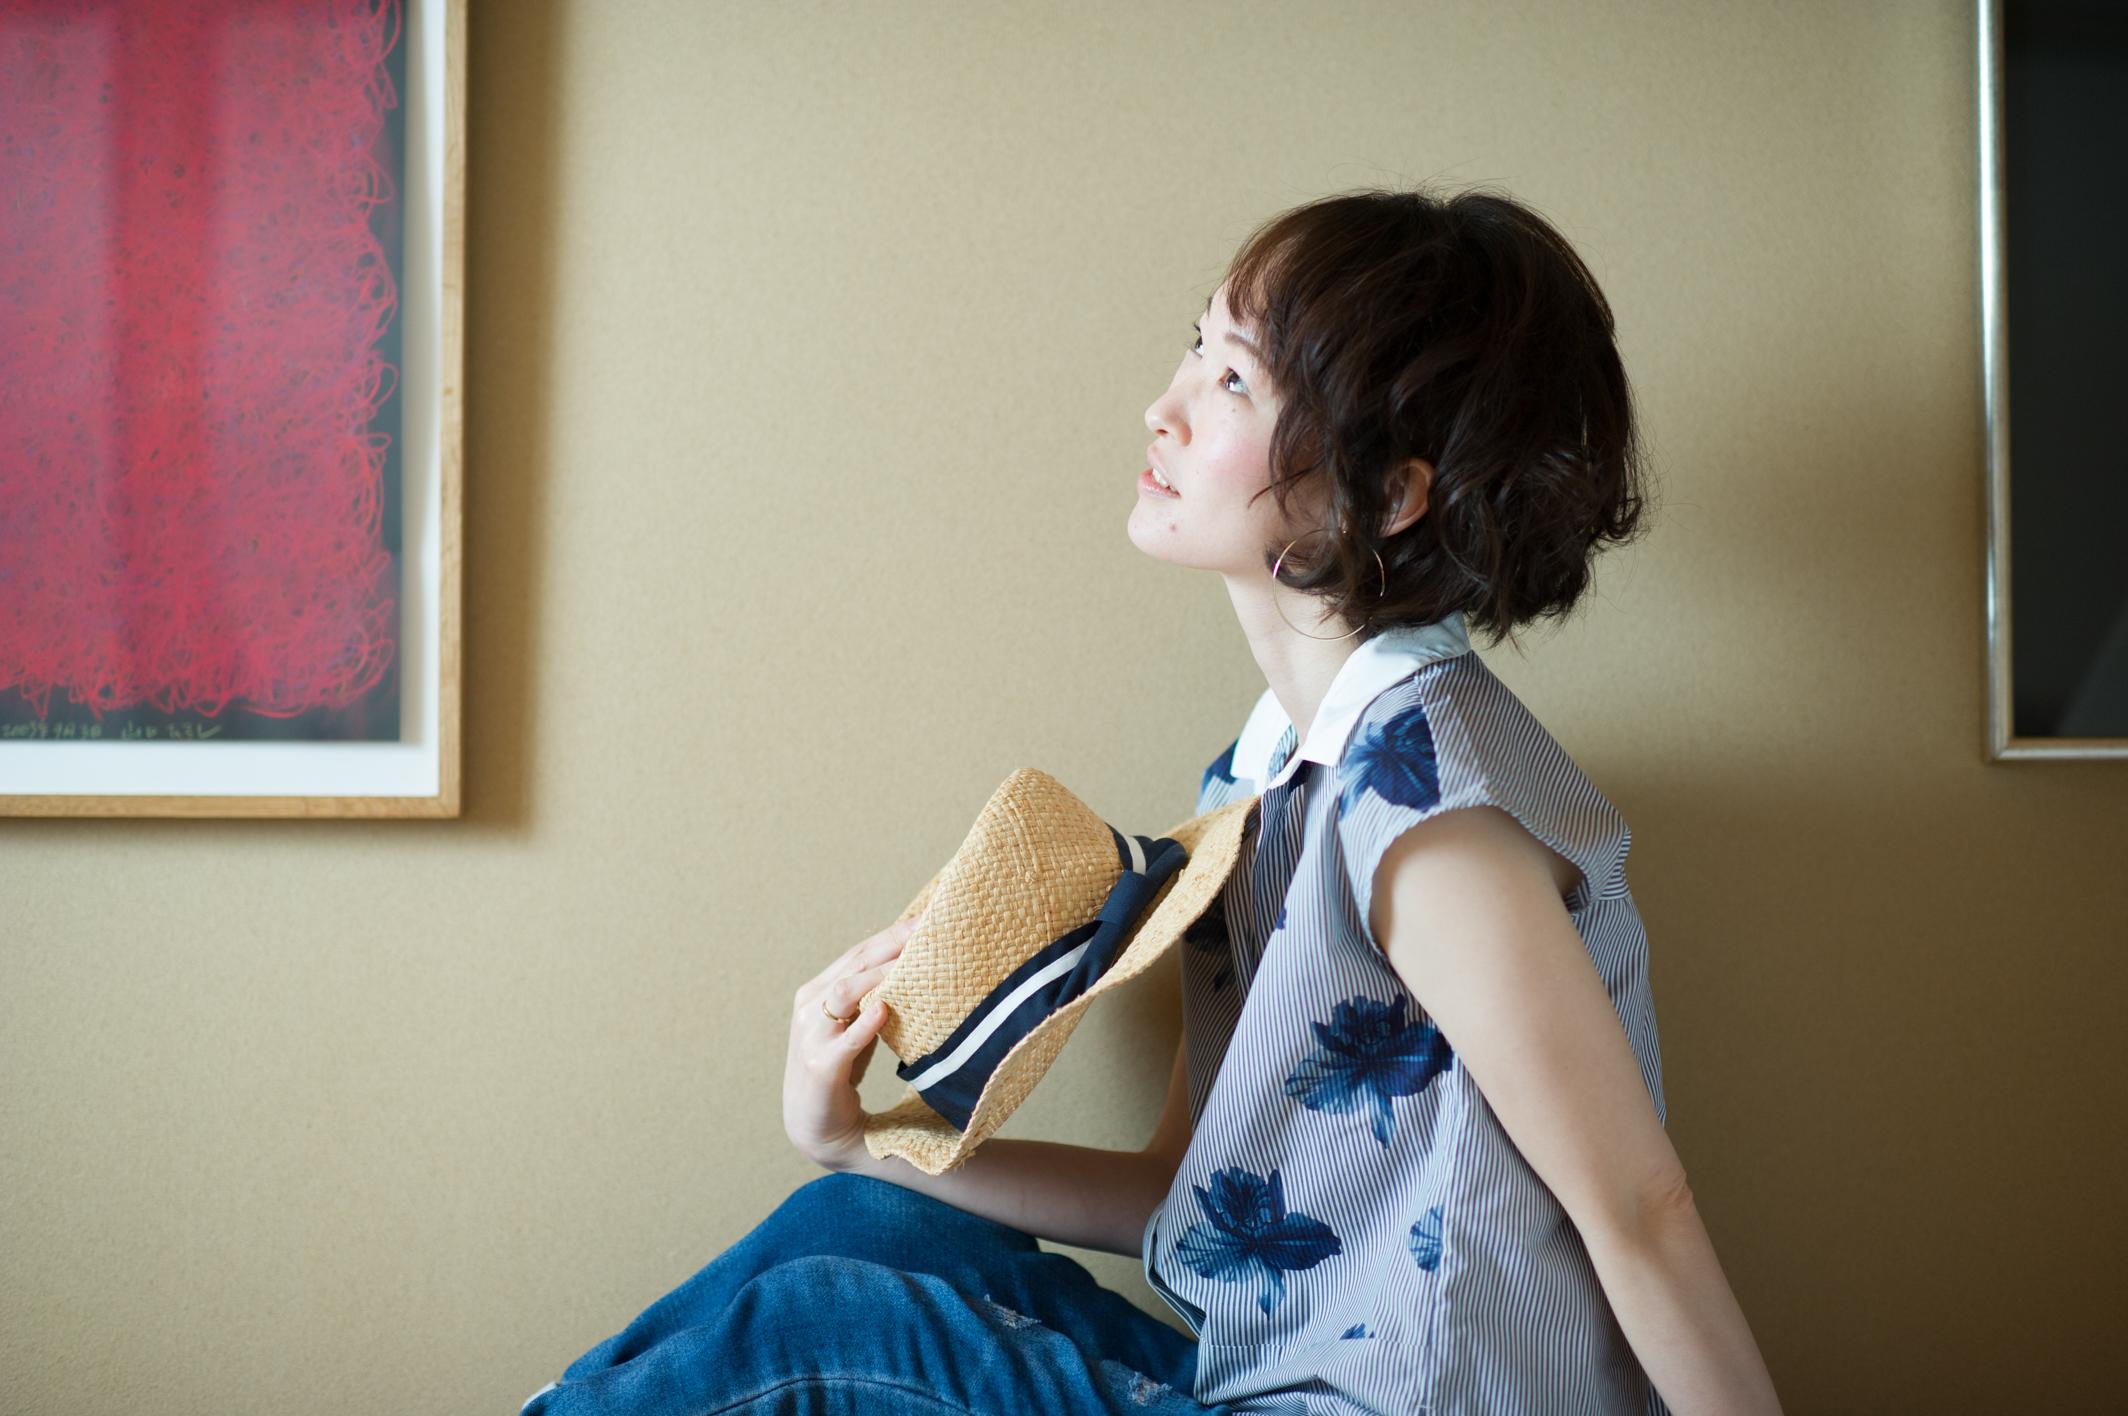 大人女性のための「くせ毛専門」美容室 - 京都 丸太町 はある